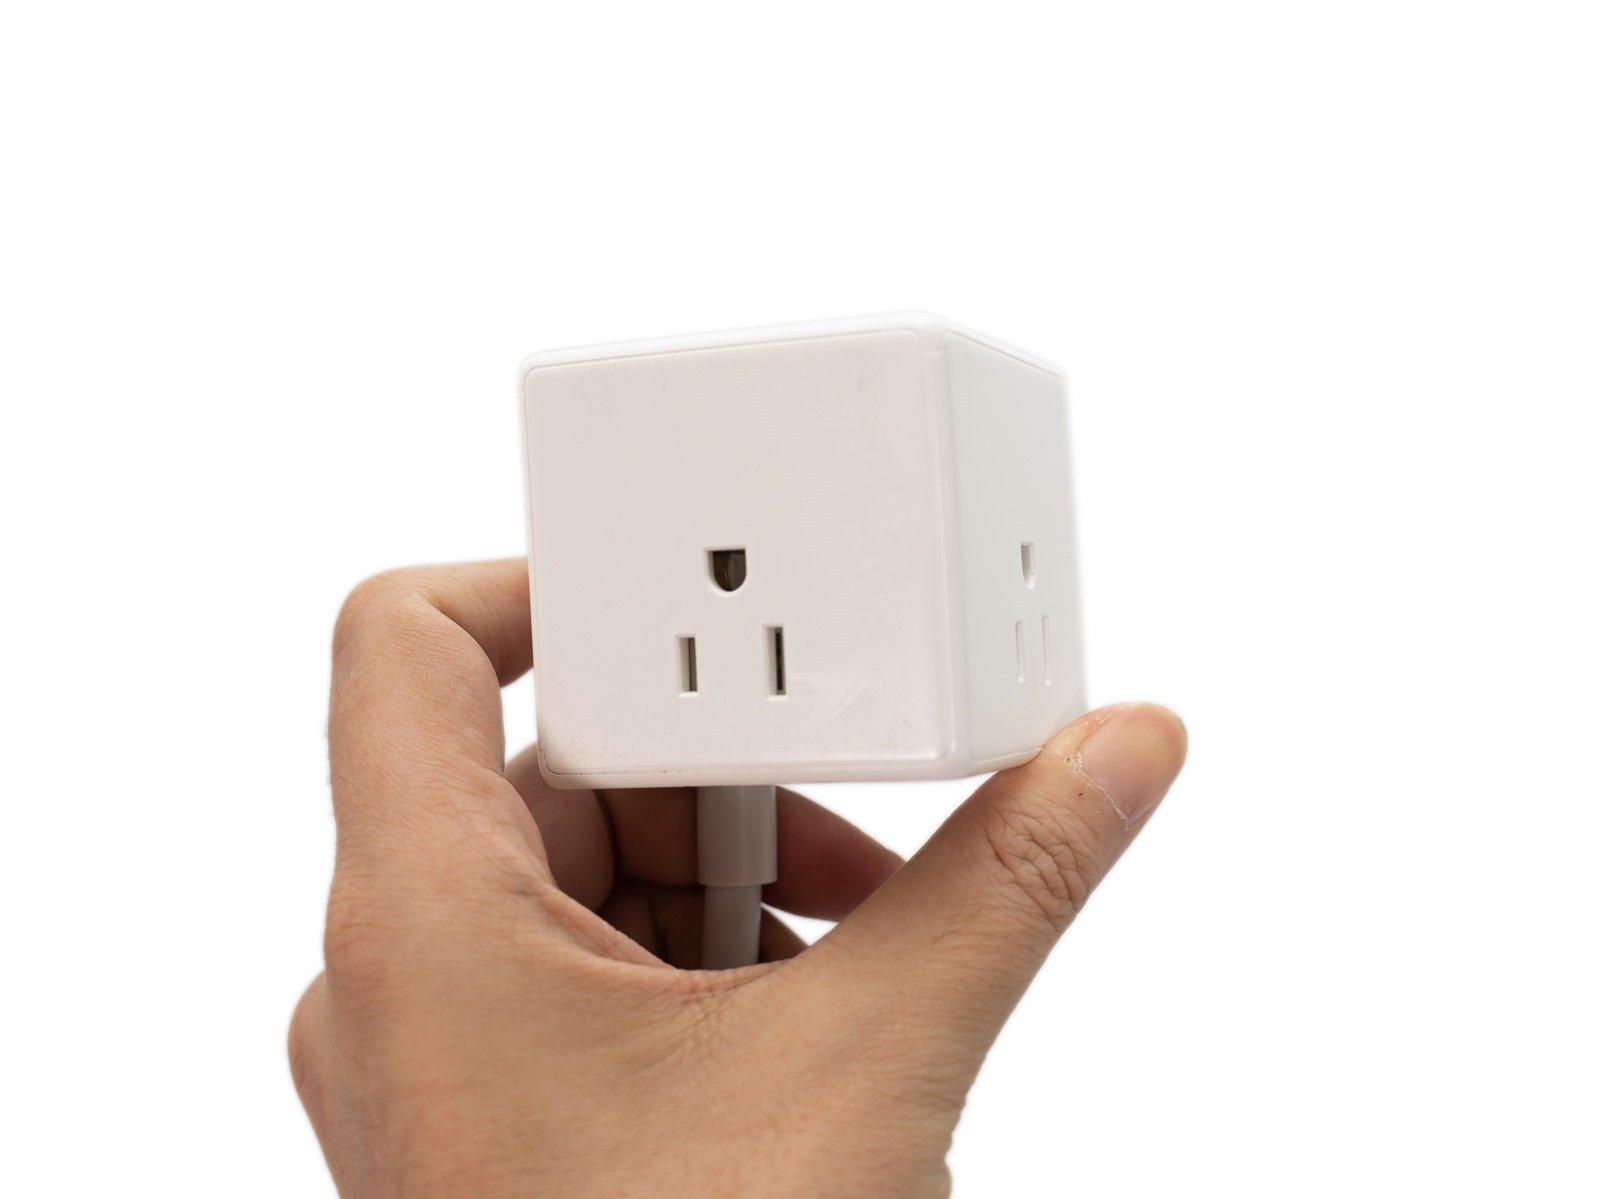 米家魔方延長線開箱!一樣便宜 + 方塊造型更方便使用! @3C 達人廖阿輝